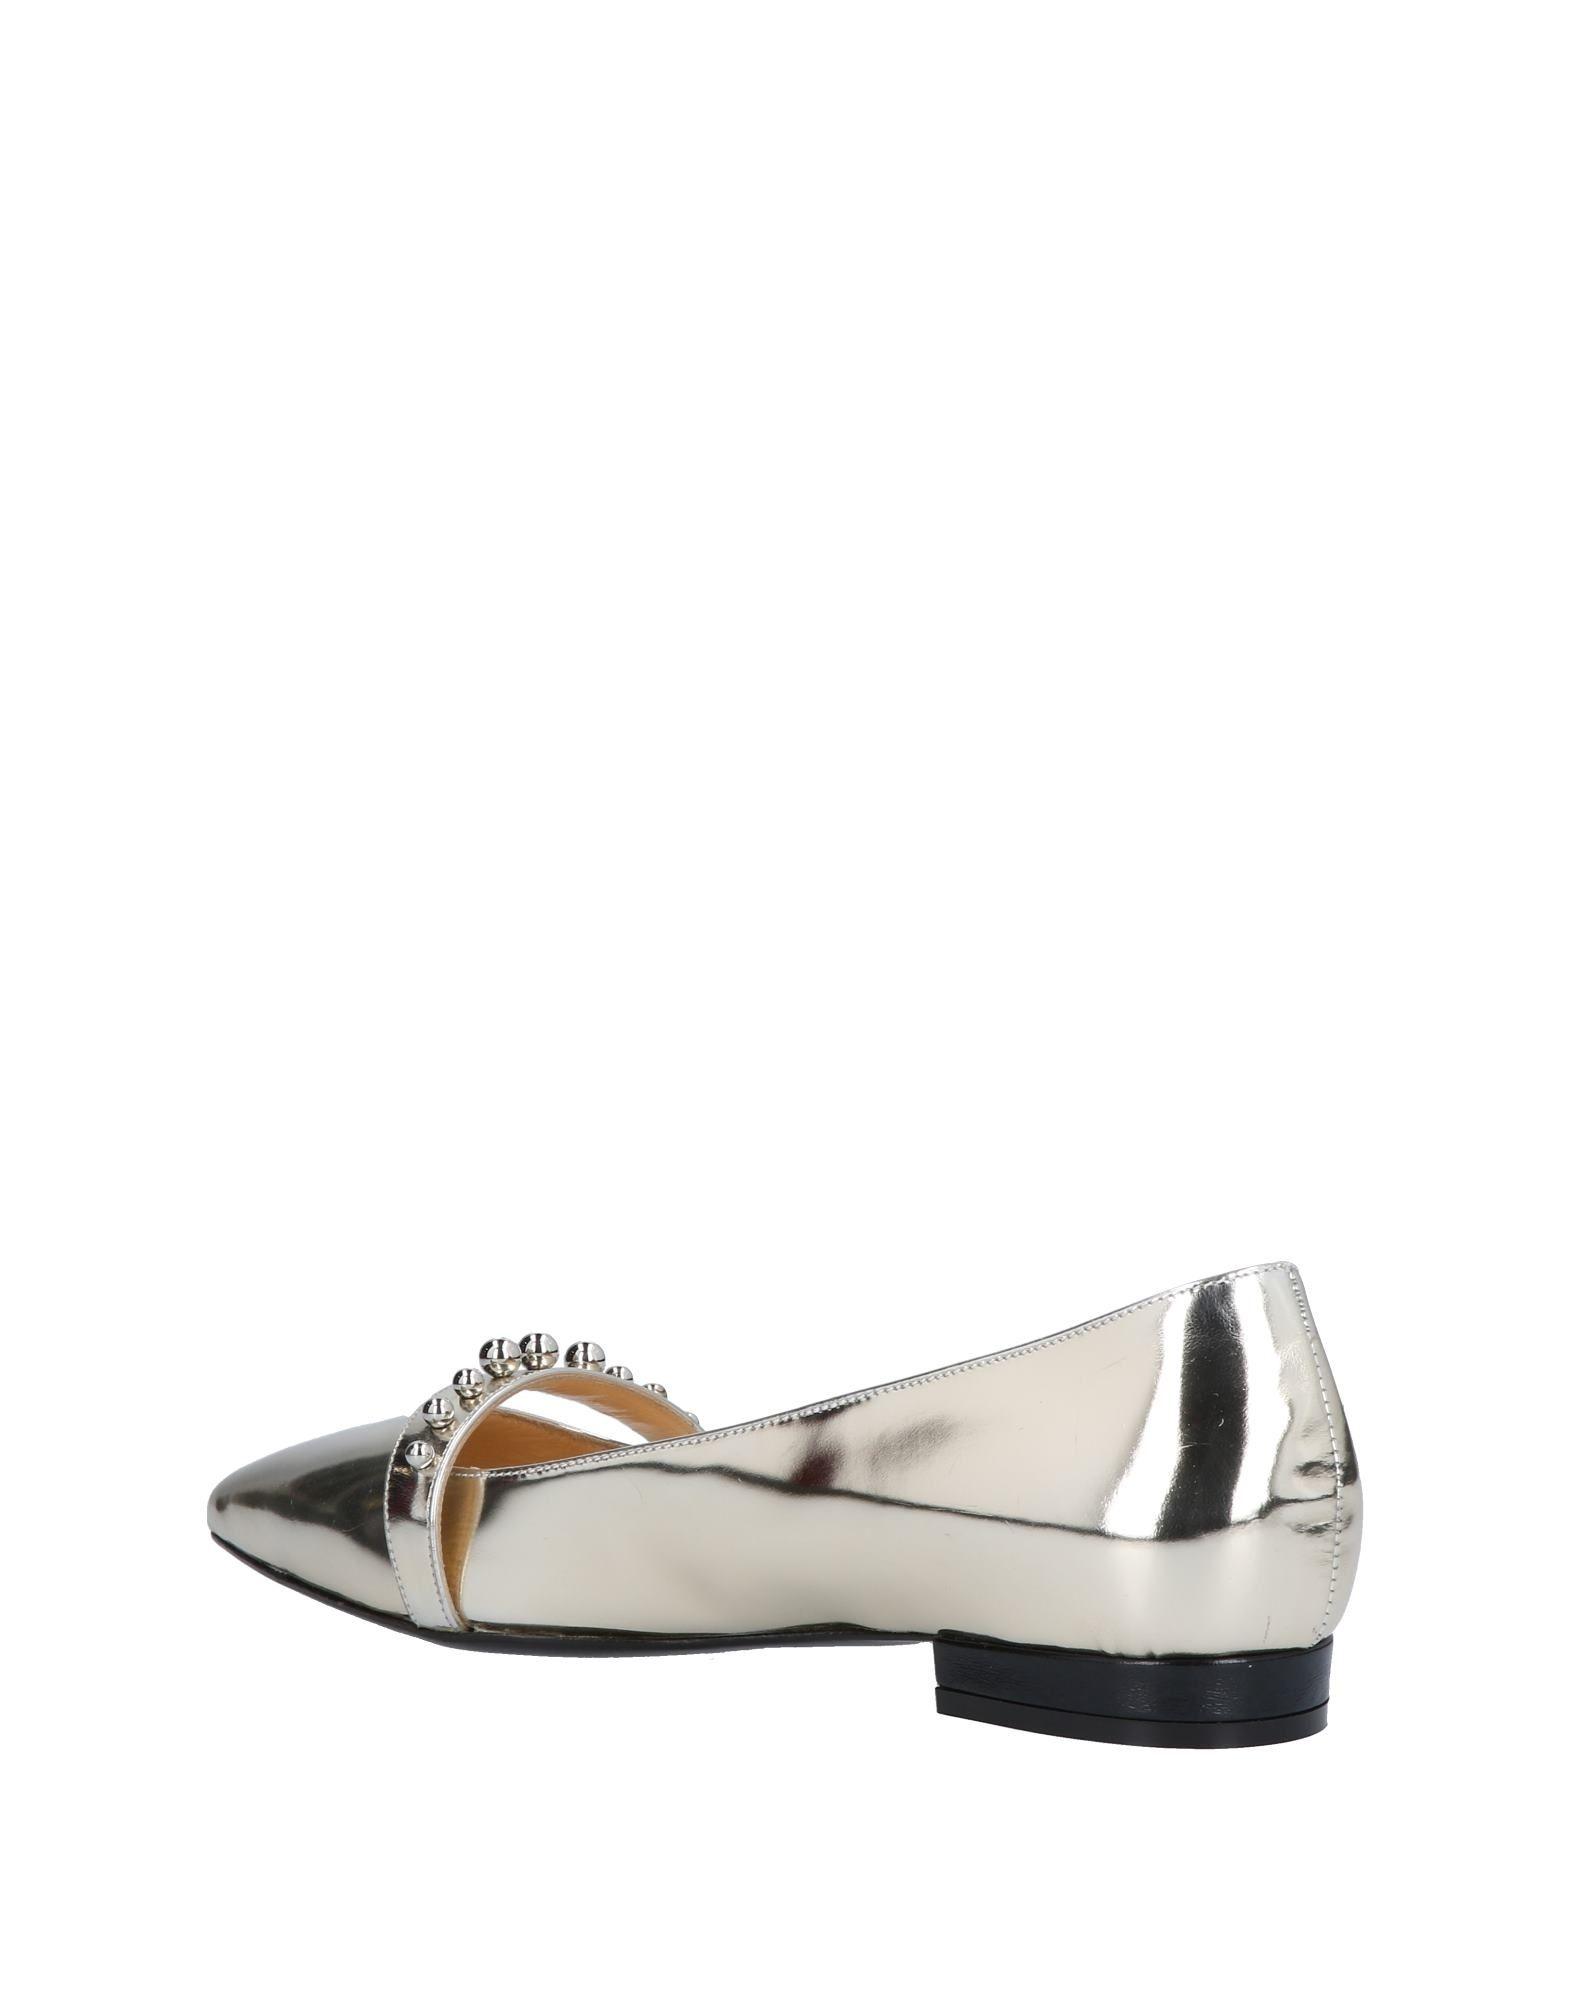 Stilvolle billige Schuhe Damen Eugenia Kim Ballerinas Damen Schuhe  11482299EK 09cf6d